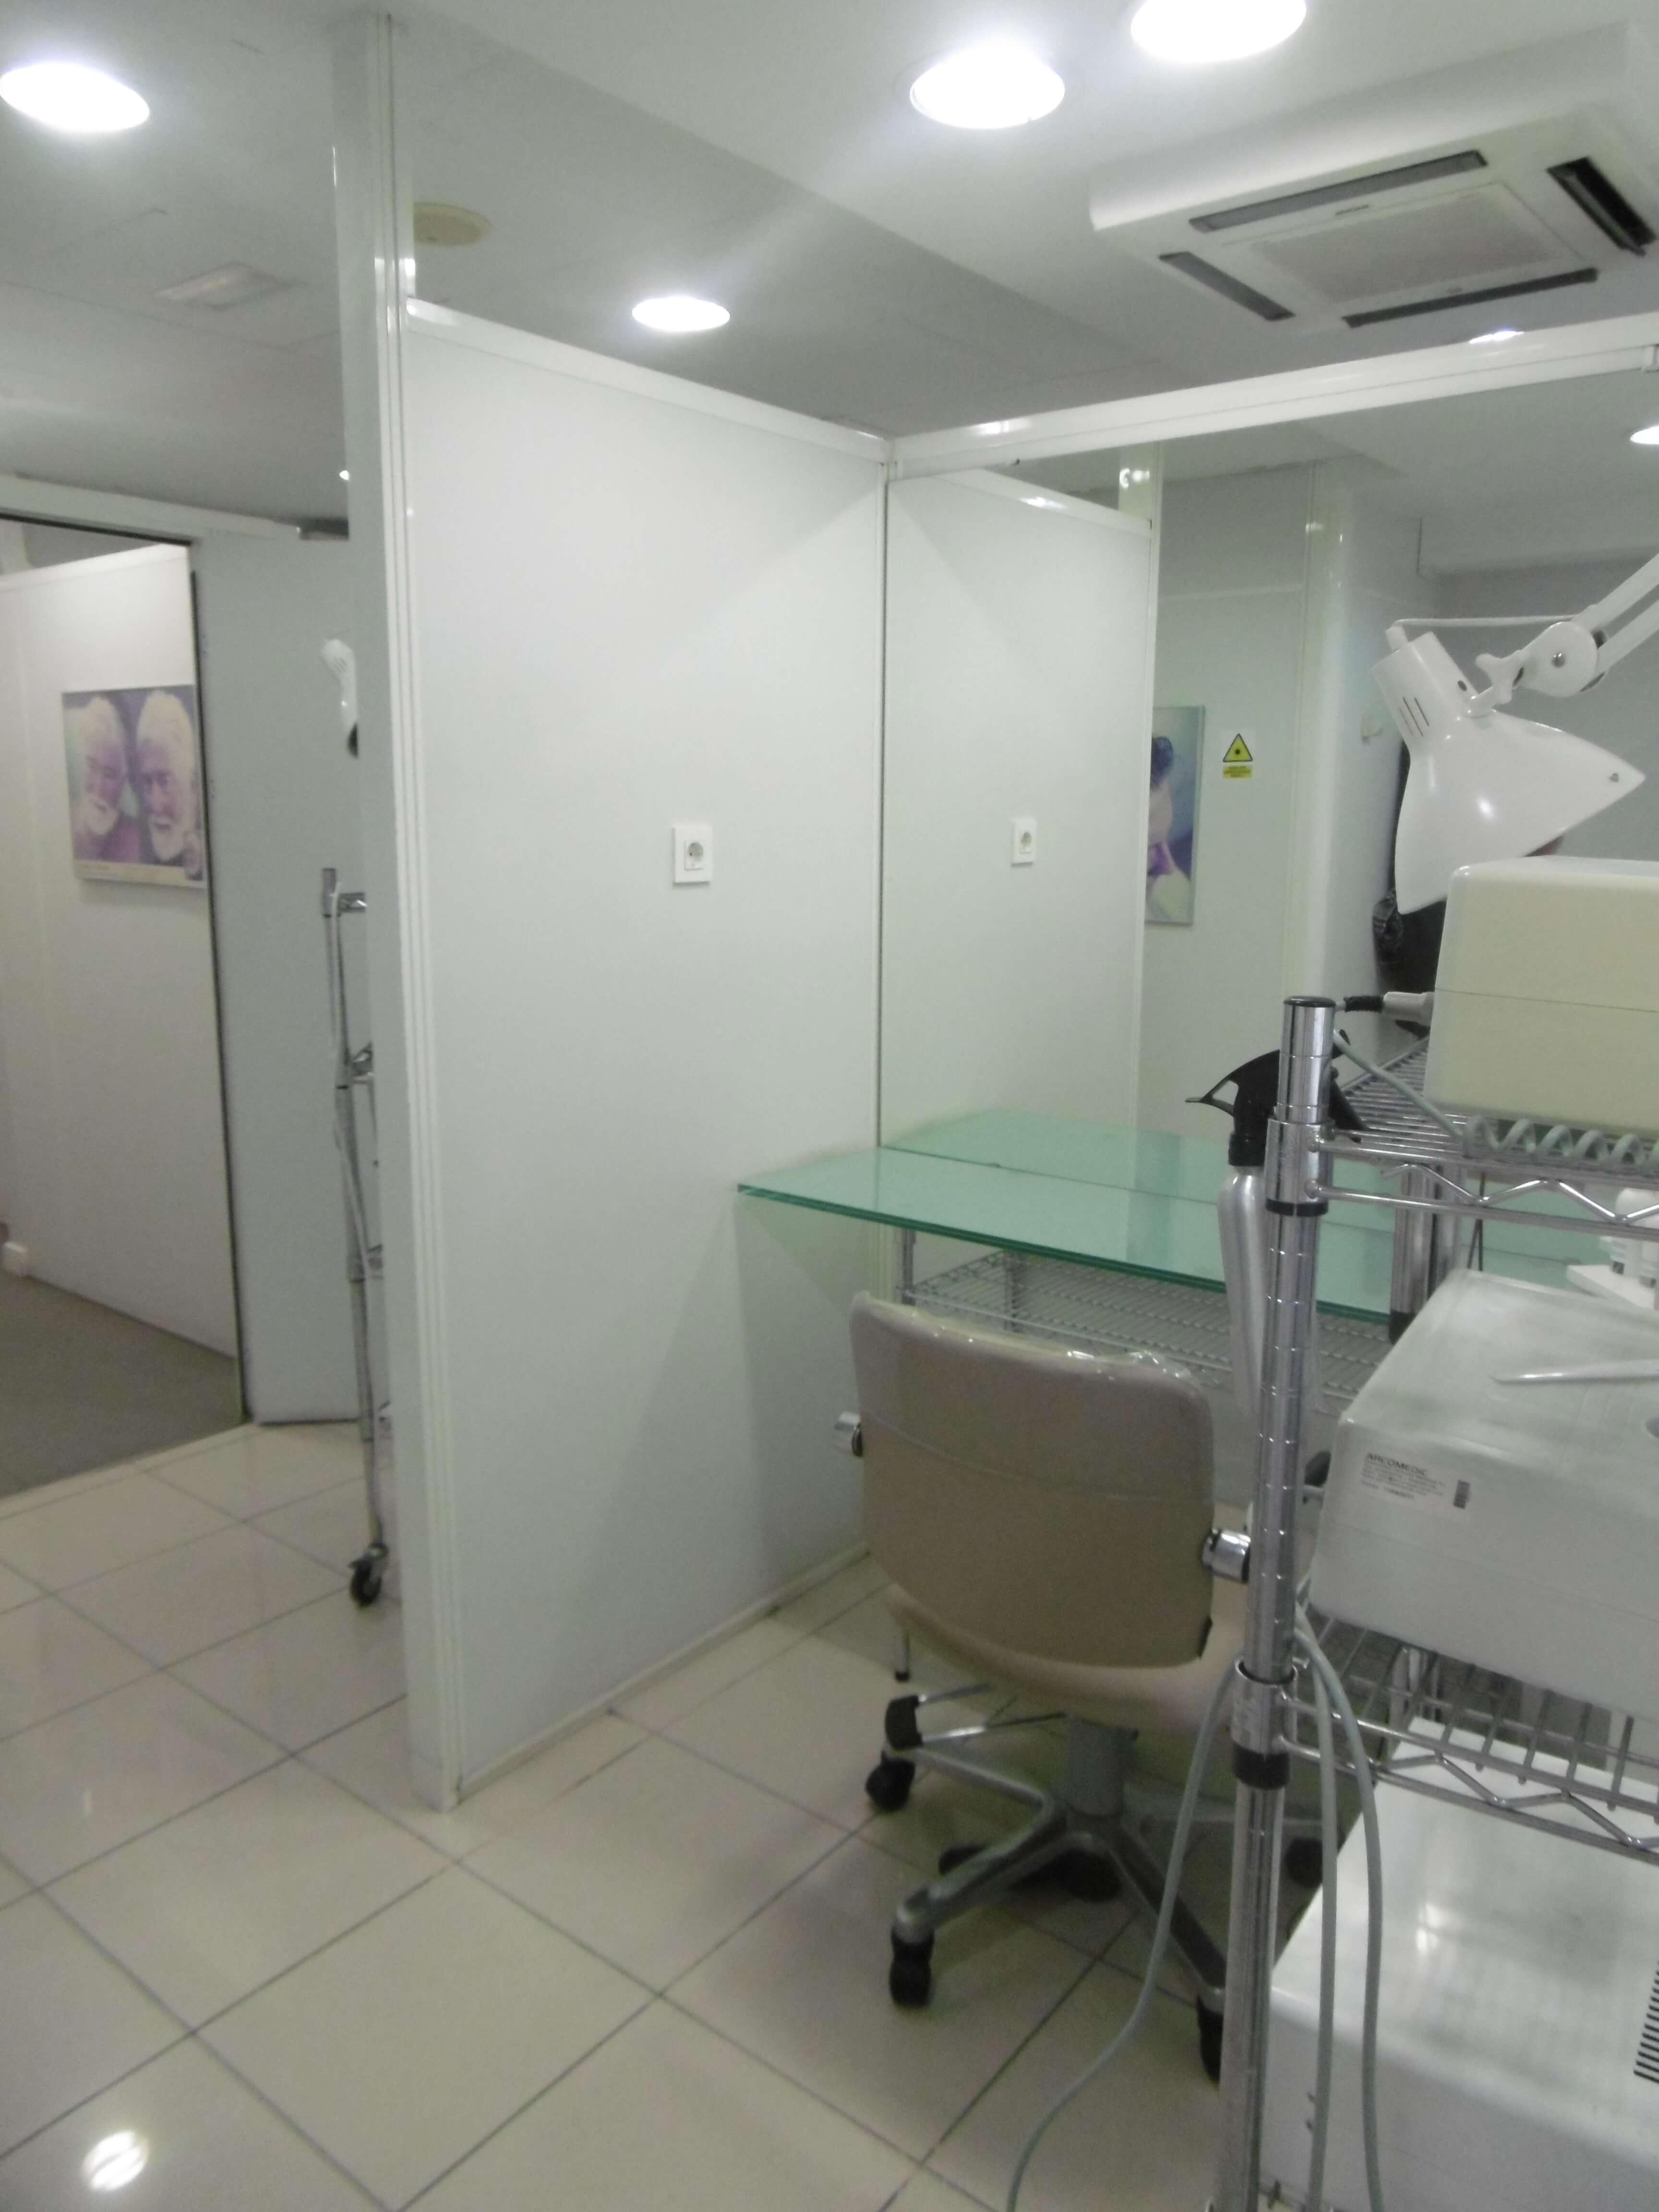 Centro Svenson Cabina abierta Murcia